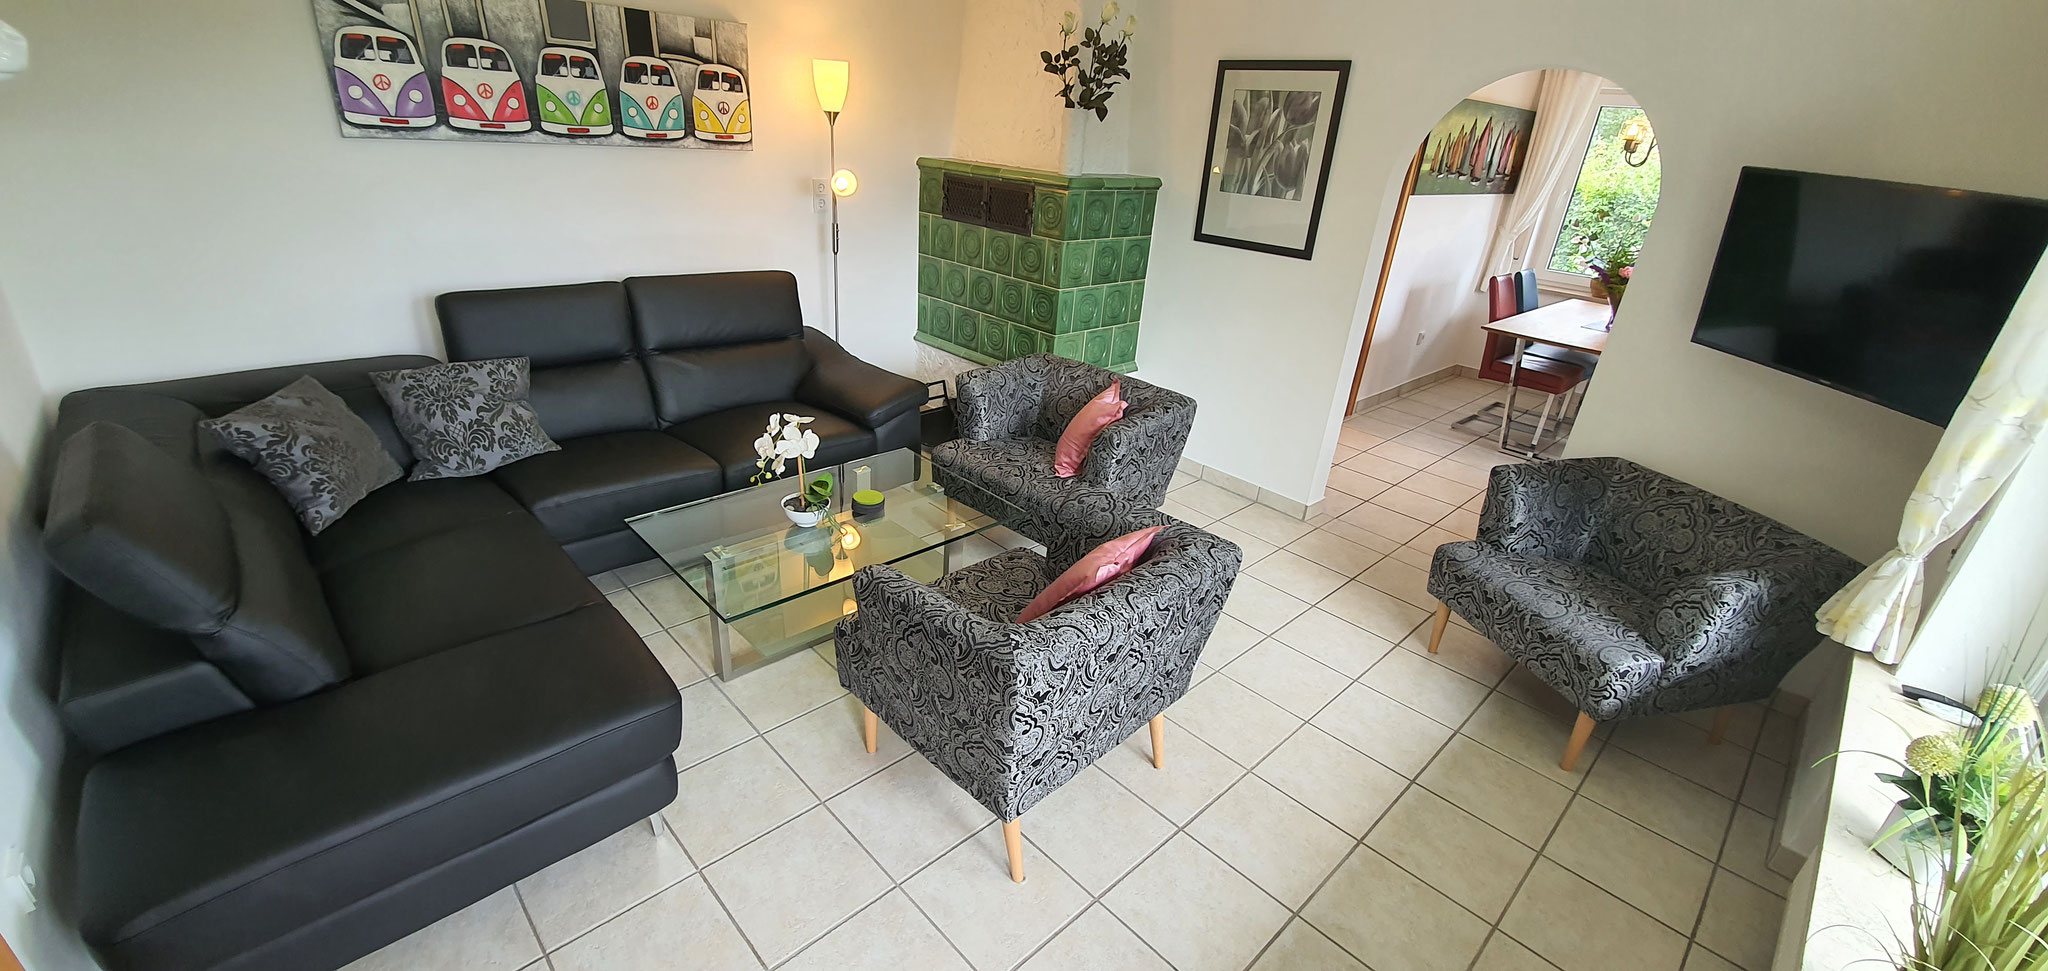 Wohnzimmer mit Kachelofen und TV